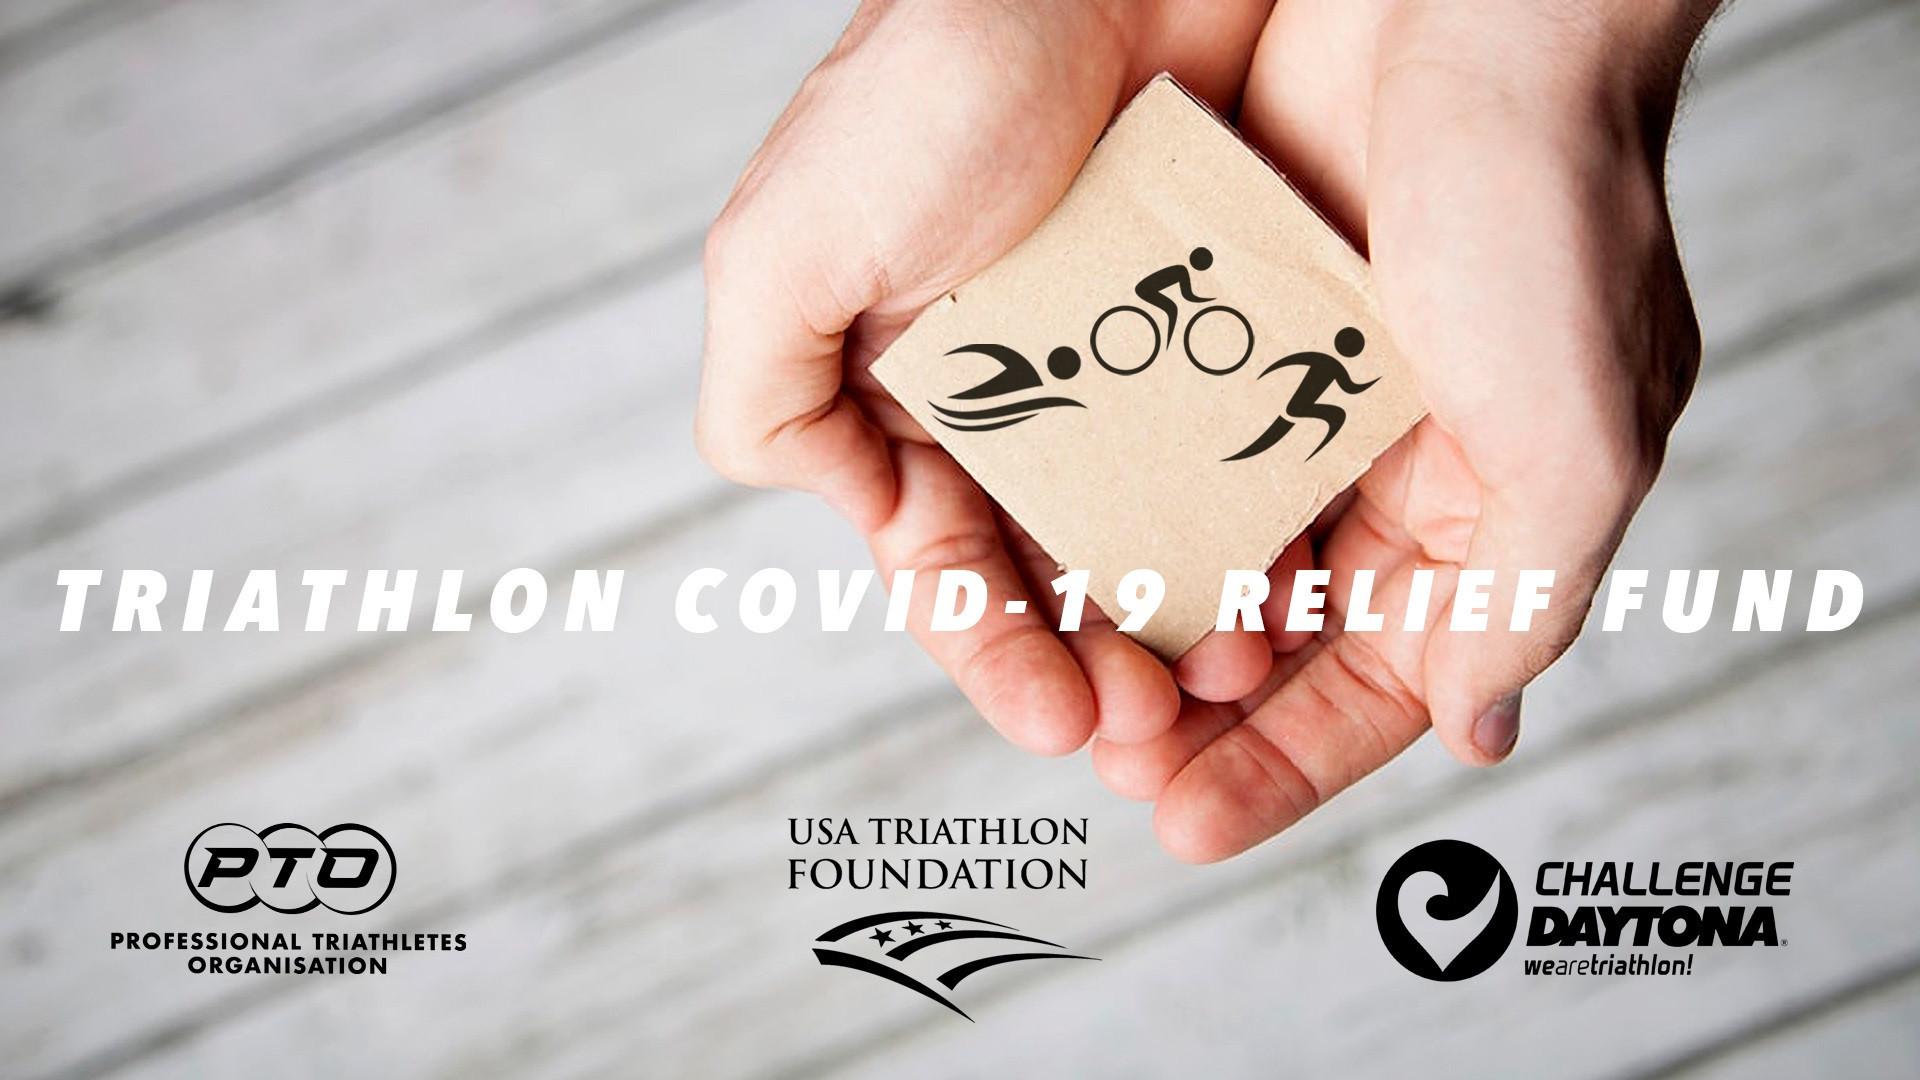 COVID 19 Triathlon Relief Fund credit PTO.